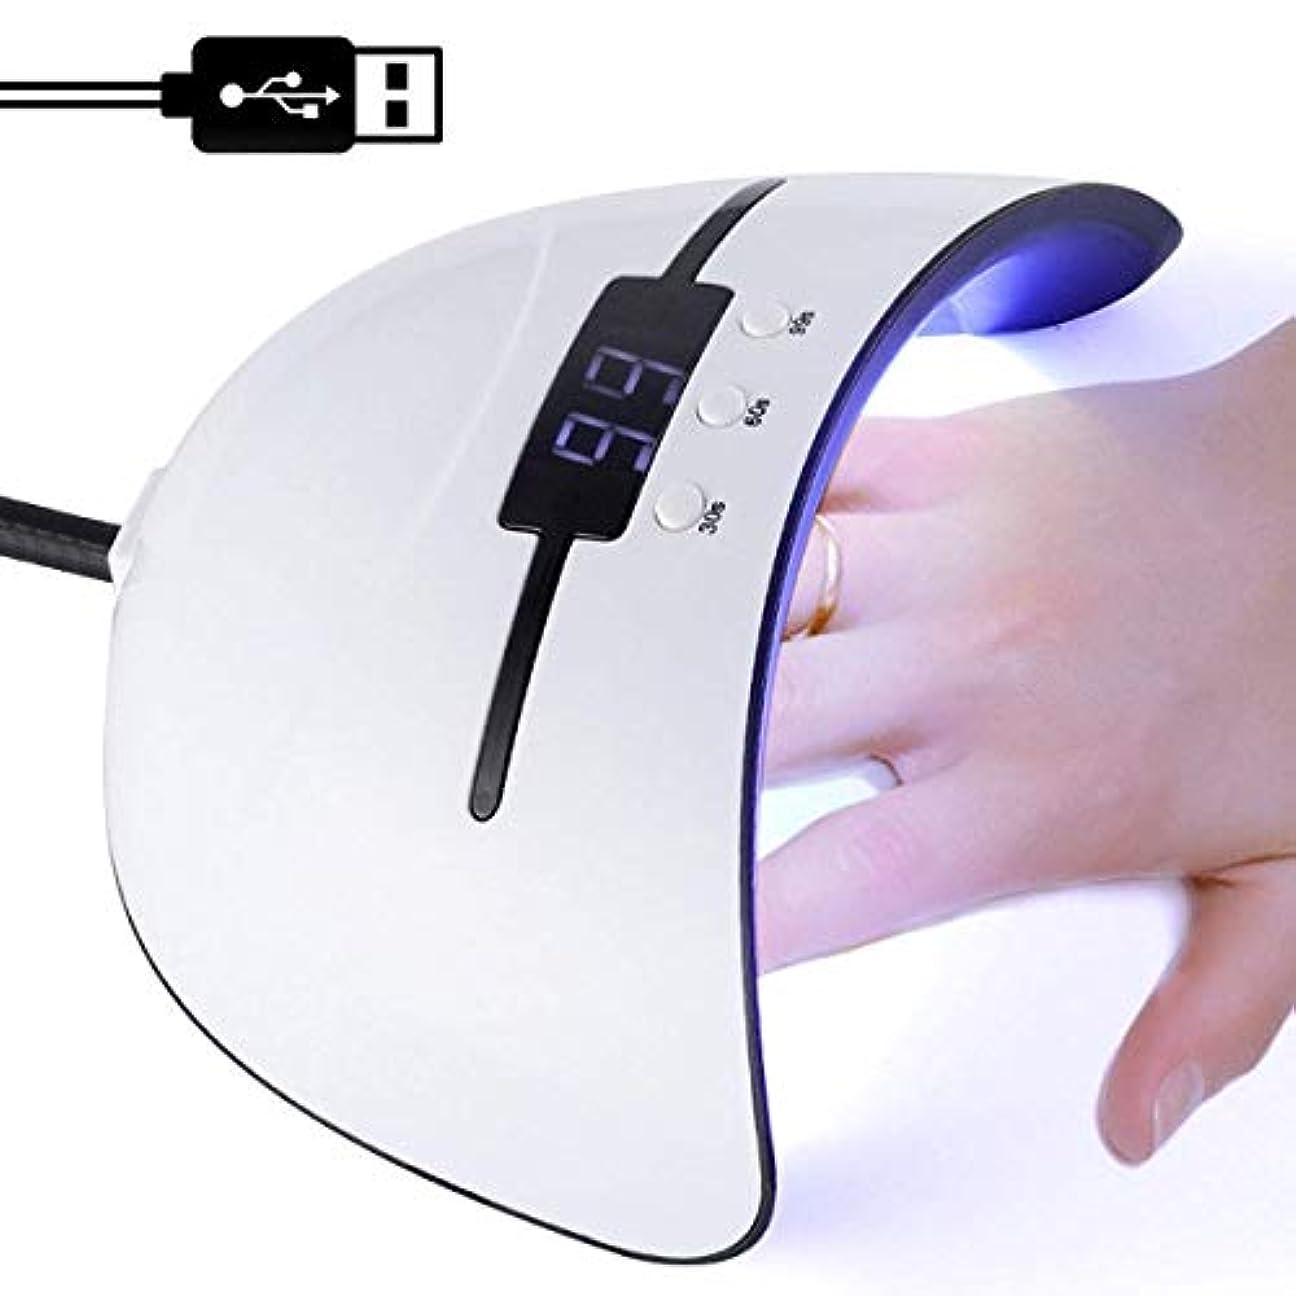 くるくる期待するテントネイルドライヤー 硬化用ライト 36w 美肌搭載 爪の薄い女性でも安心 液晶モニター センサーが感知 全ジェル対応 LED UV ネイルライト